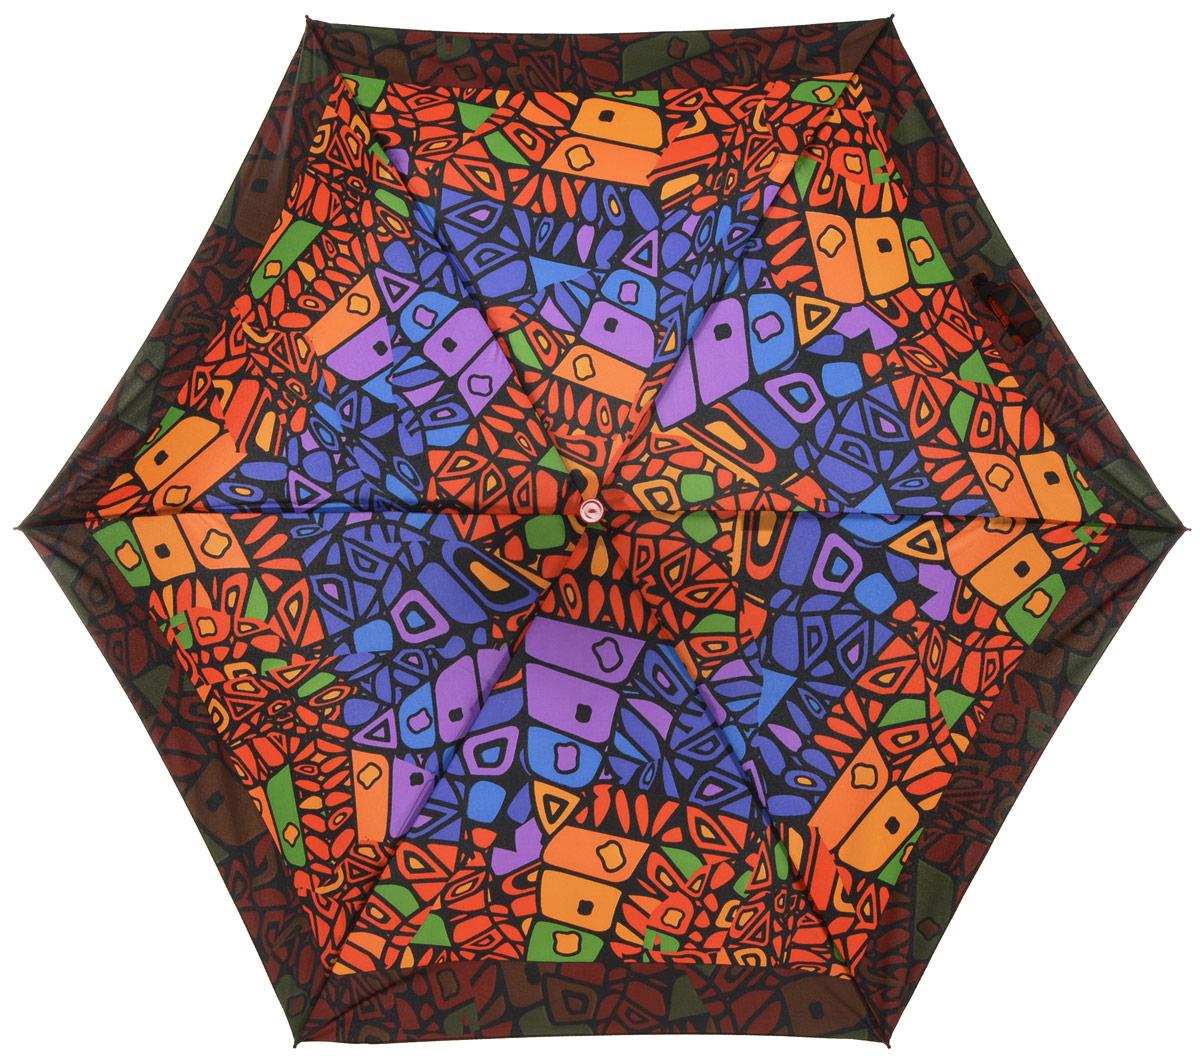 Зонт женский Labbra, автомат, 3 сложения, цвет: мультиколор. A3-05-LR023A3-05-LR023Яркий зонт Labbra не оставит вас незамеченной. Зонт оформлен оригинальным геометрическом принтом. Зонт состоит из шести спиц и стержня, изготовленных из стали, алюминия и фибергласса. Купол выполнен из качественного полиэстера и эпонжа, которые не пропускают воду. Зонт дополнен удобной ручкой из пластика. Зонт имеет автоматический механизм сложения: купол открывается и закрывается нажатием кнопки на ручке, стержень складывается вручную до характерного щелчка, благодаря чему открыть и закрыть зонт можно одной рукой. Ручка дополнена петлей, благодаря которой зонт можно носить на запястье . К зонту прилагается чехол. Удобный и практичный аксессуар даже в ненастную погоду позволит вам оставаться стильной и элегантной.